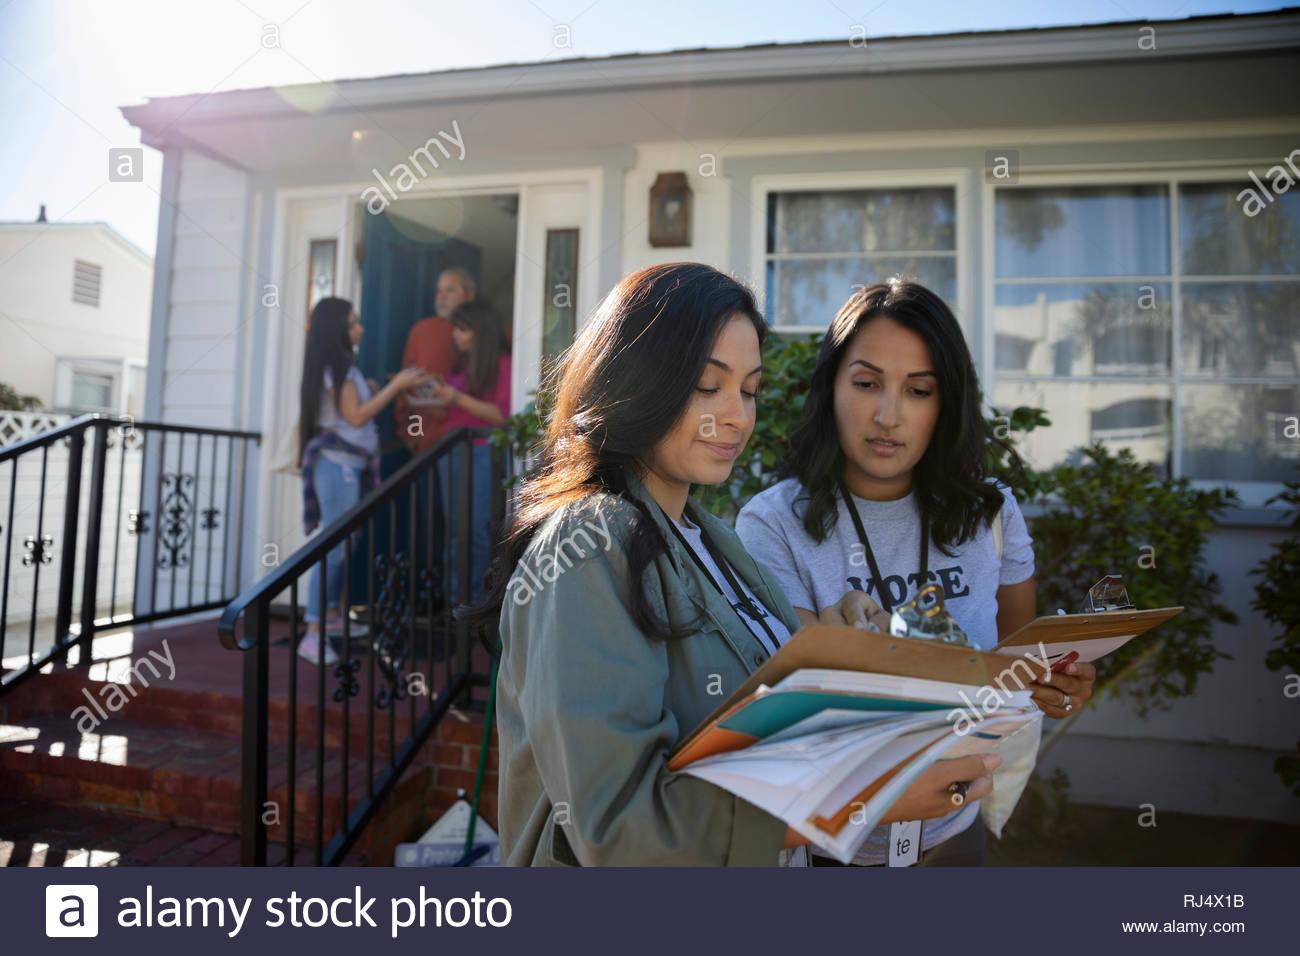 Latinx female volunteers with clipboards canvassing door-to-door in neighborhood - Stock Image